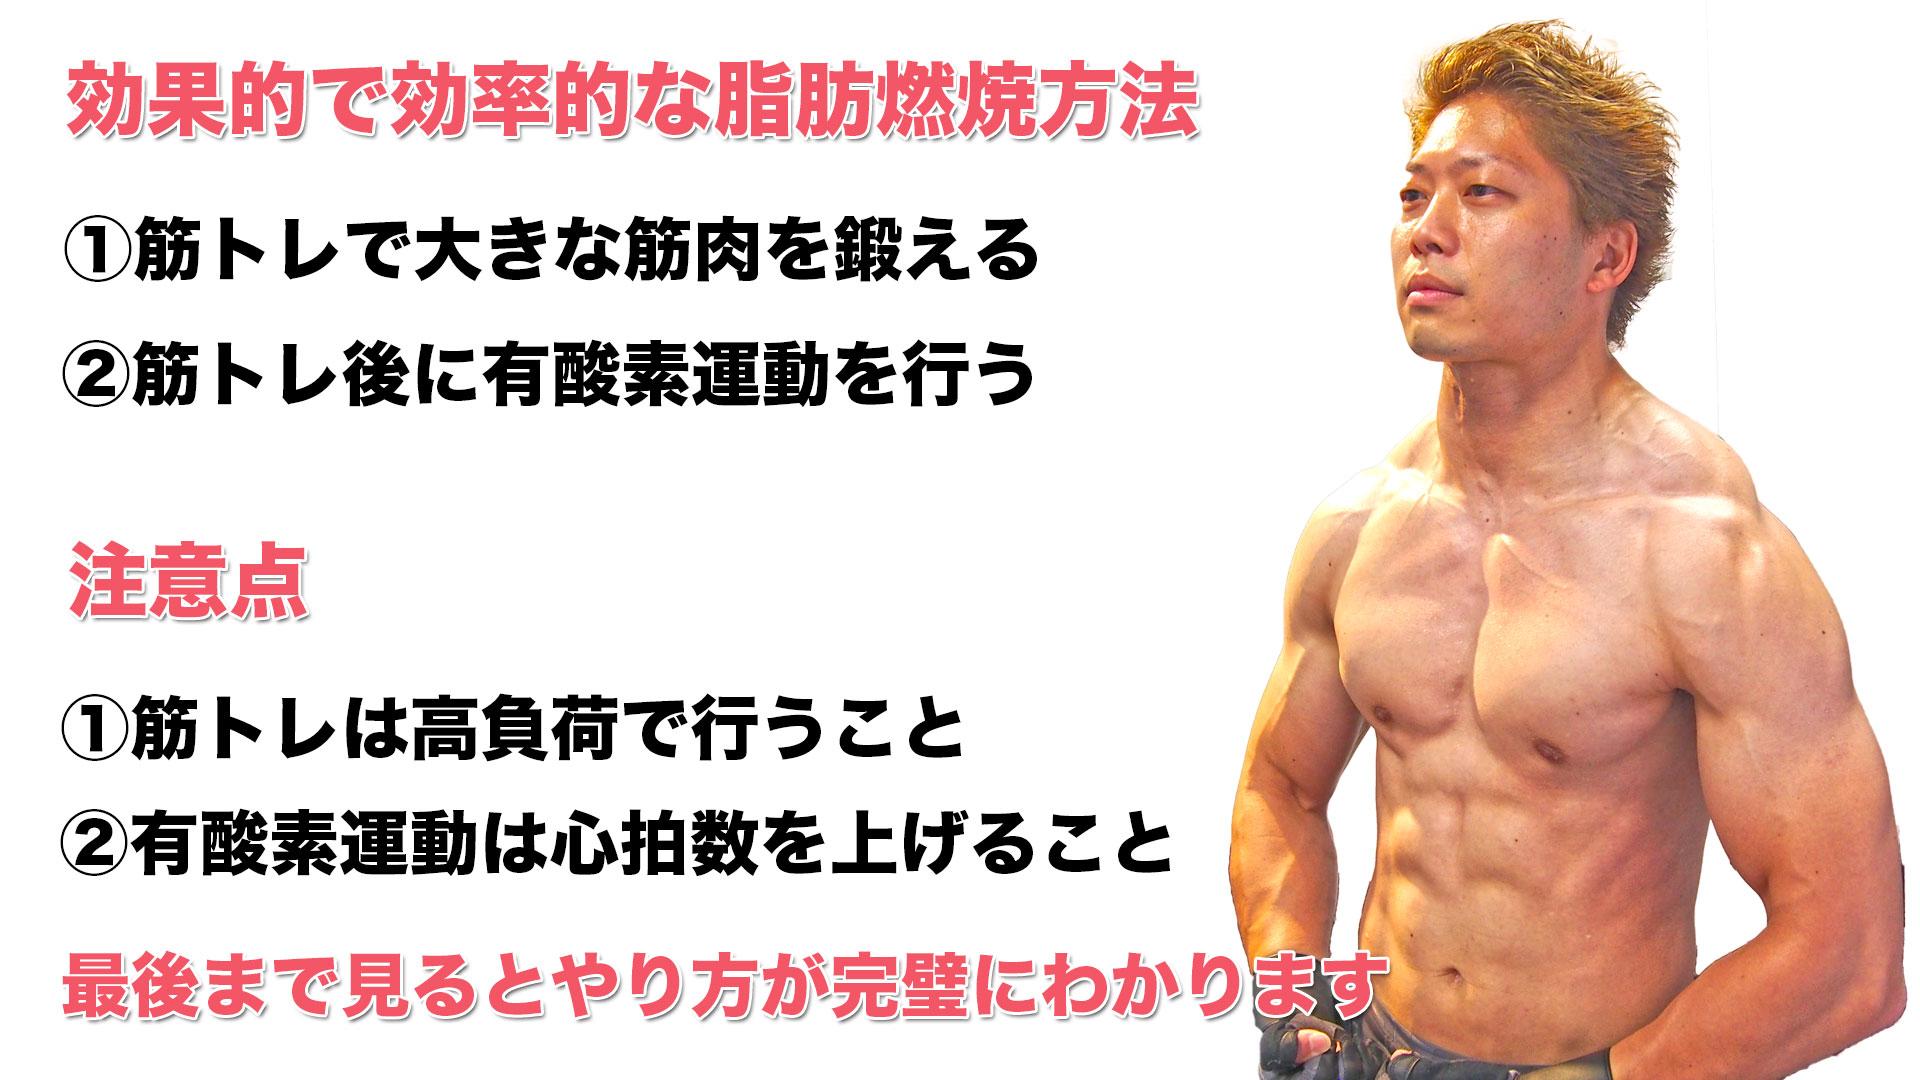 脂肪燃焼方法1